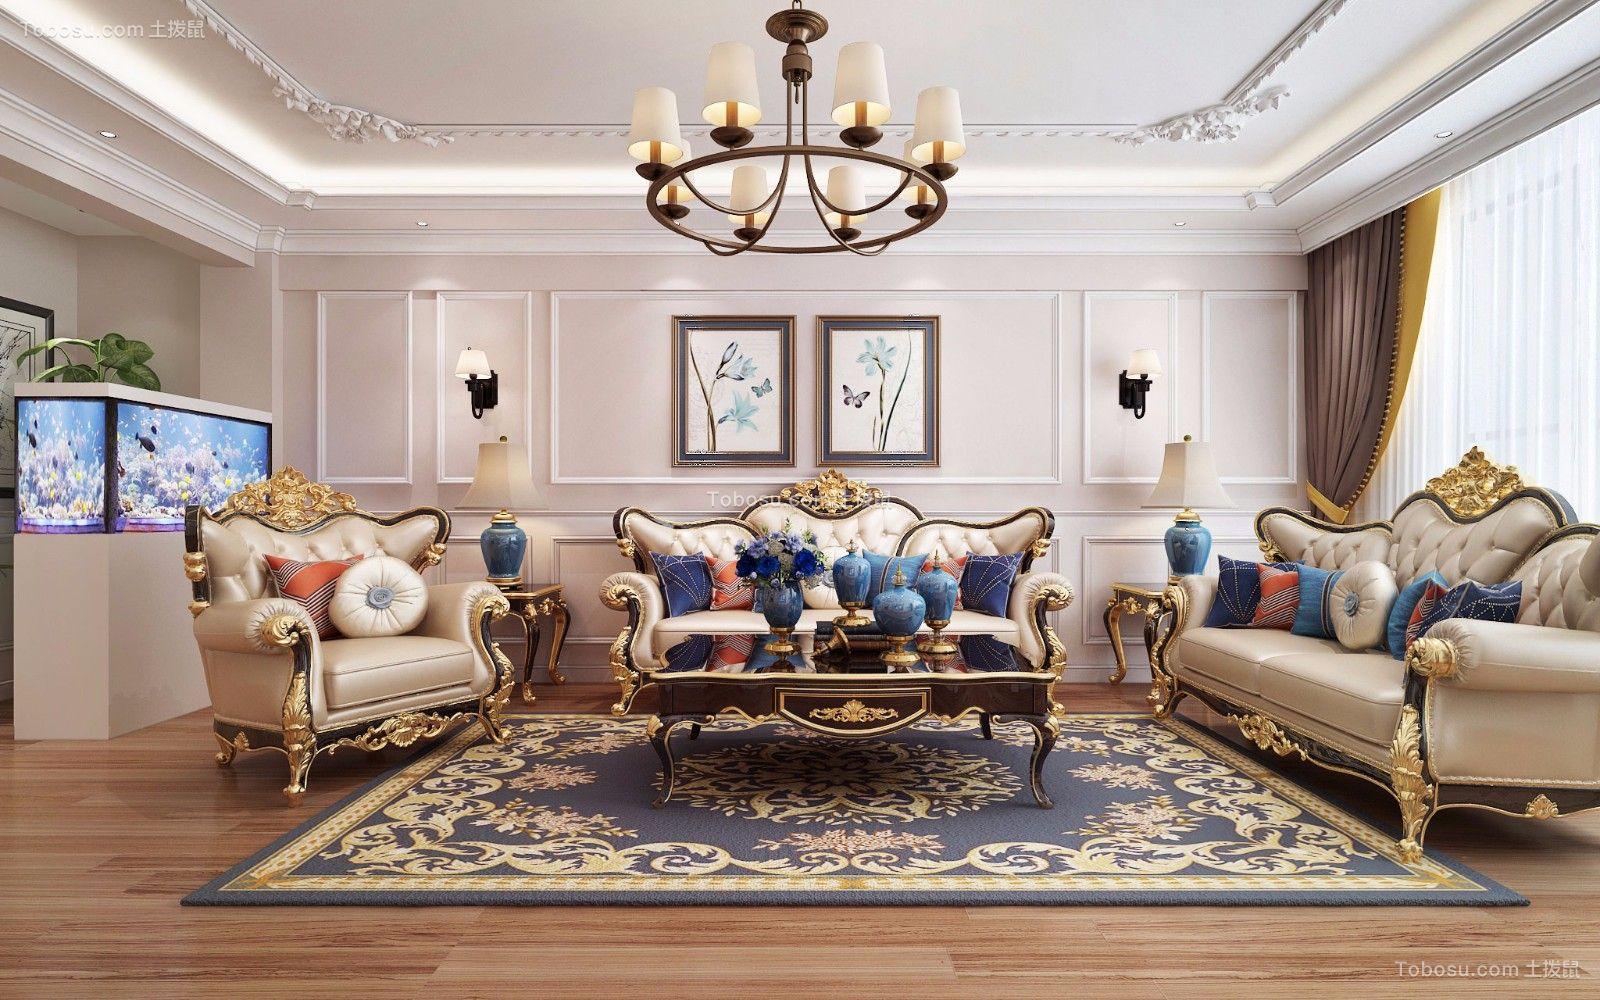 和风庭院151平米古典欧式风格三居室装修效果图